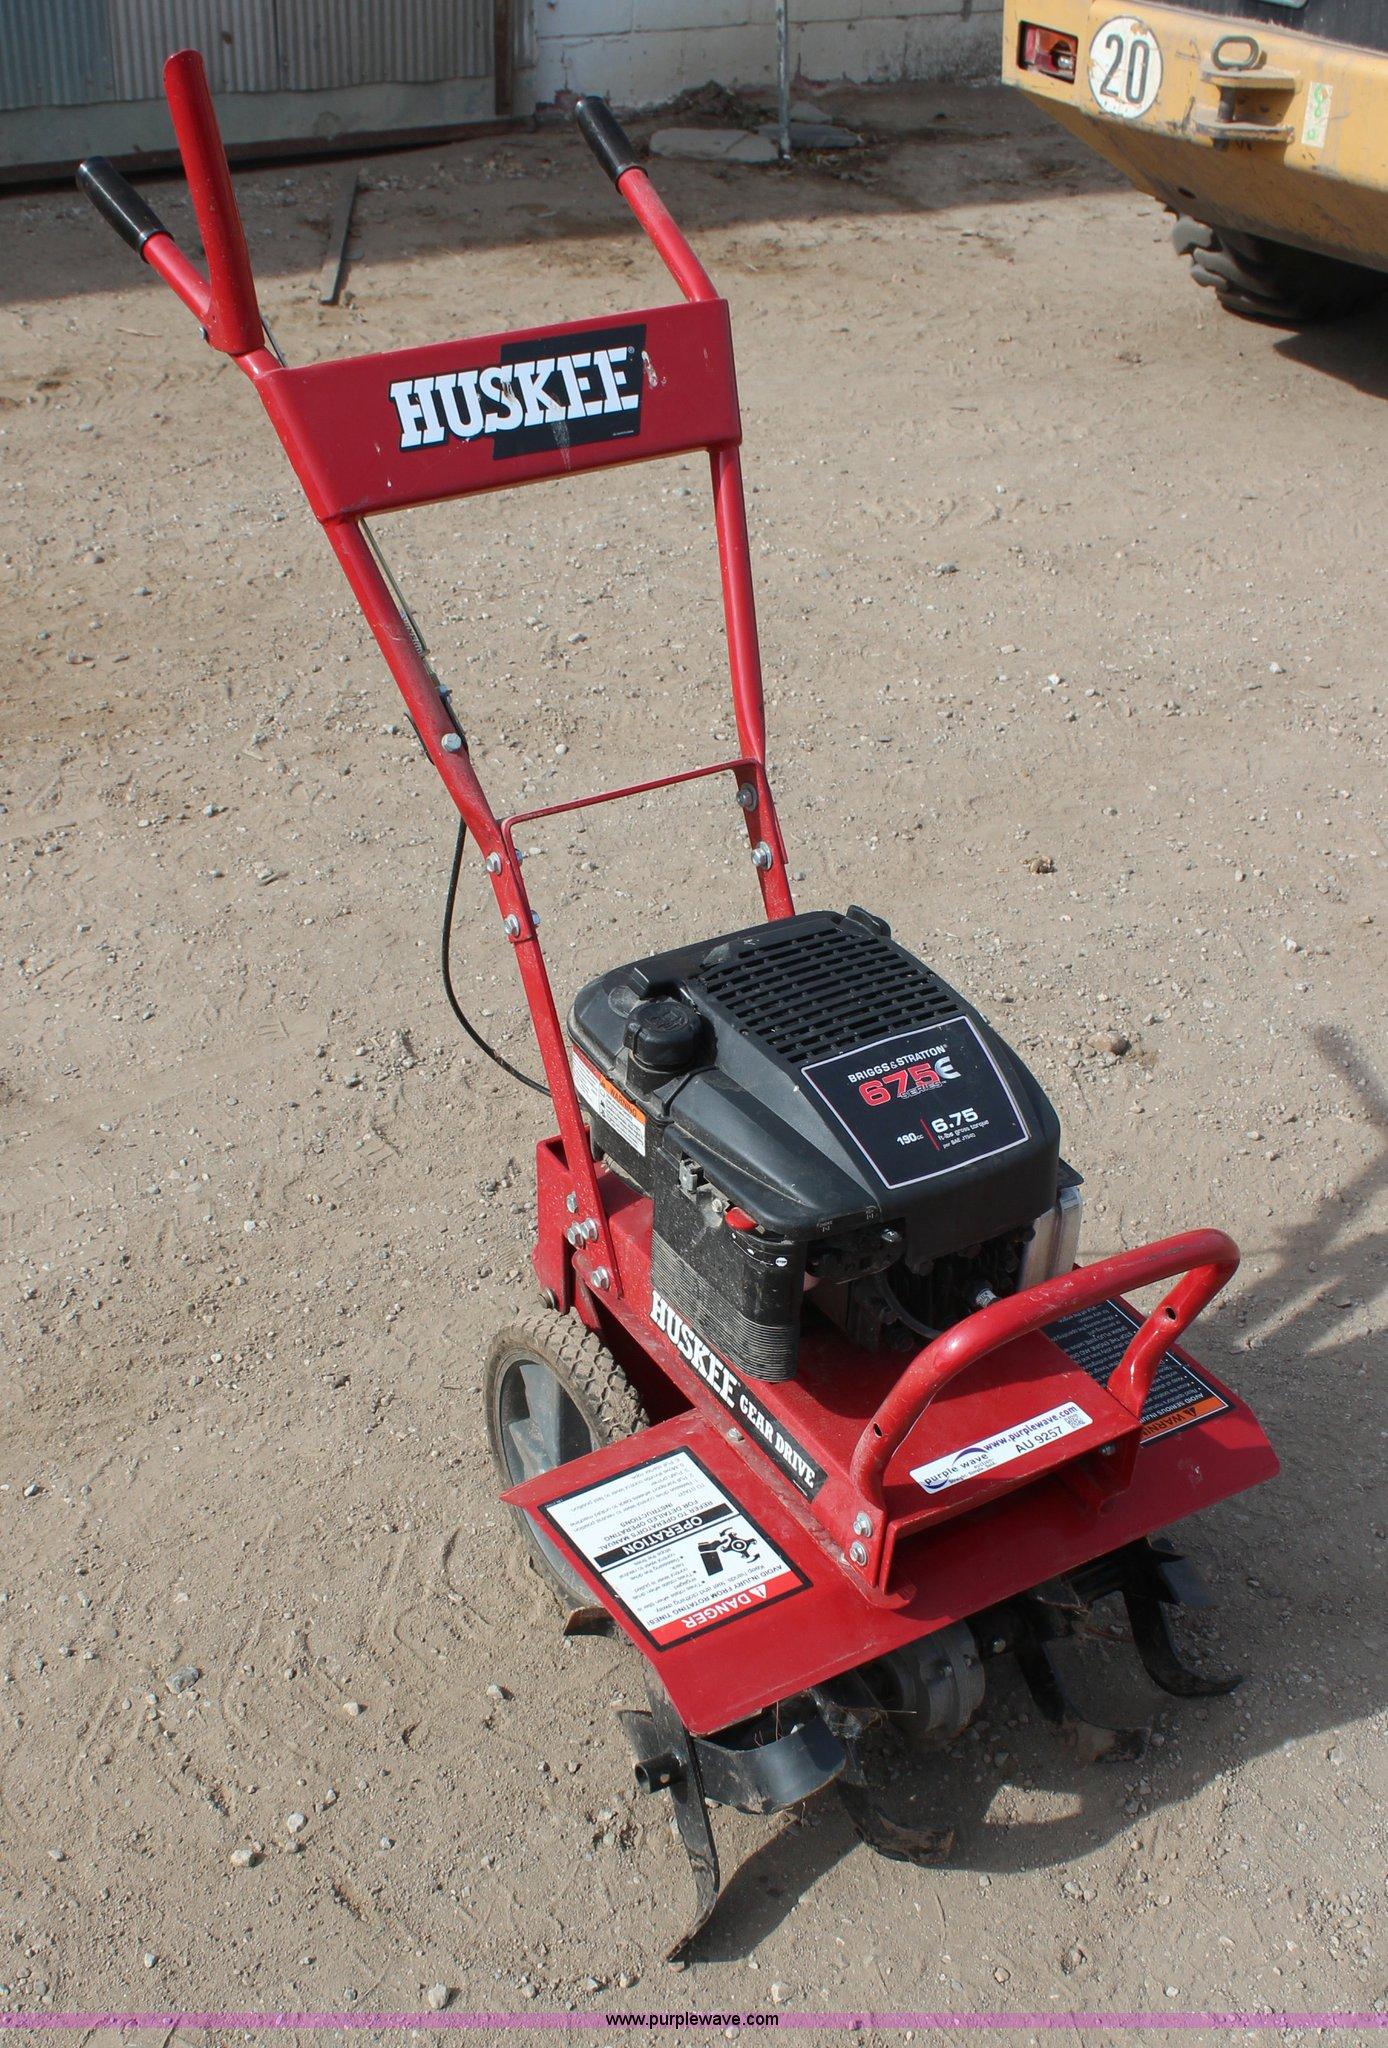 huskee 3365pstc tiller item au9257 sold december 4 vehi rh purplewave com husky tiller manuals huskee tiller parts manual